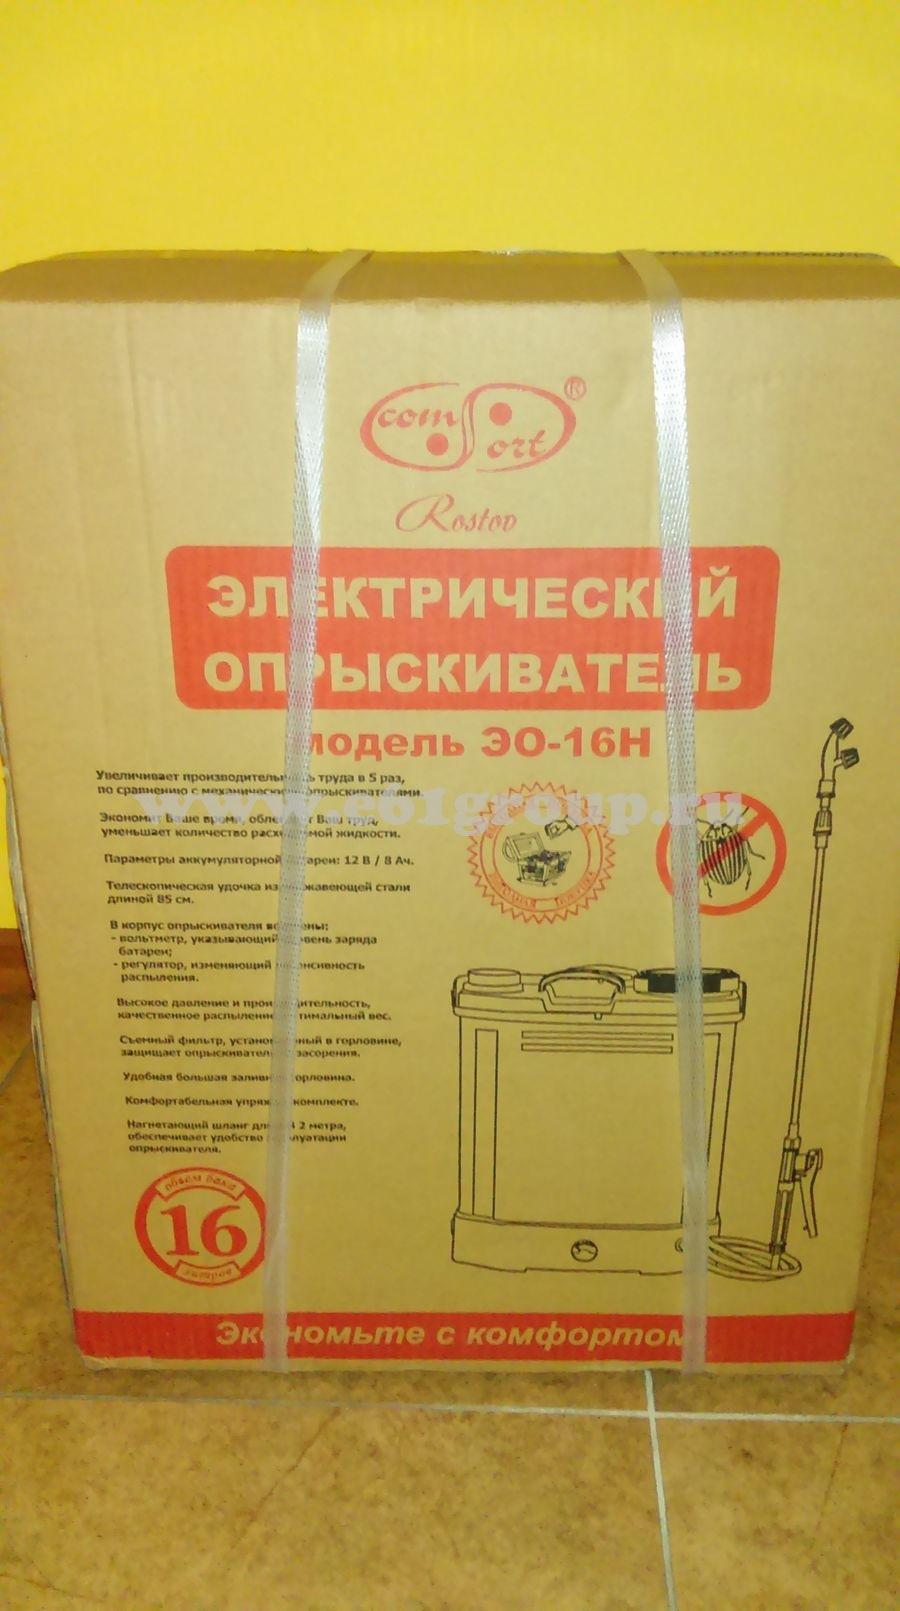 Опрыскиватель электрический Комфорт Умница ЭО-16Н интернет магазин